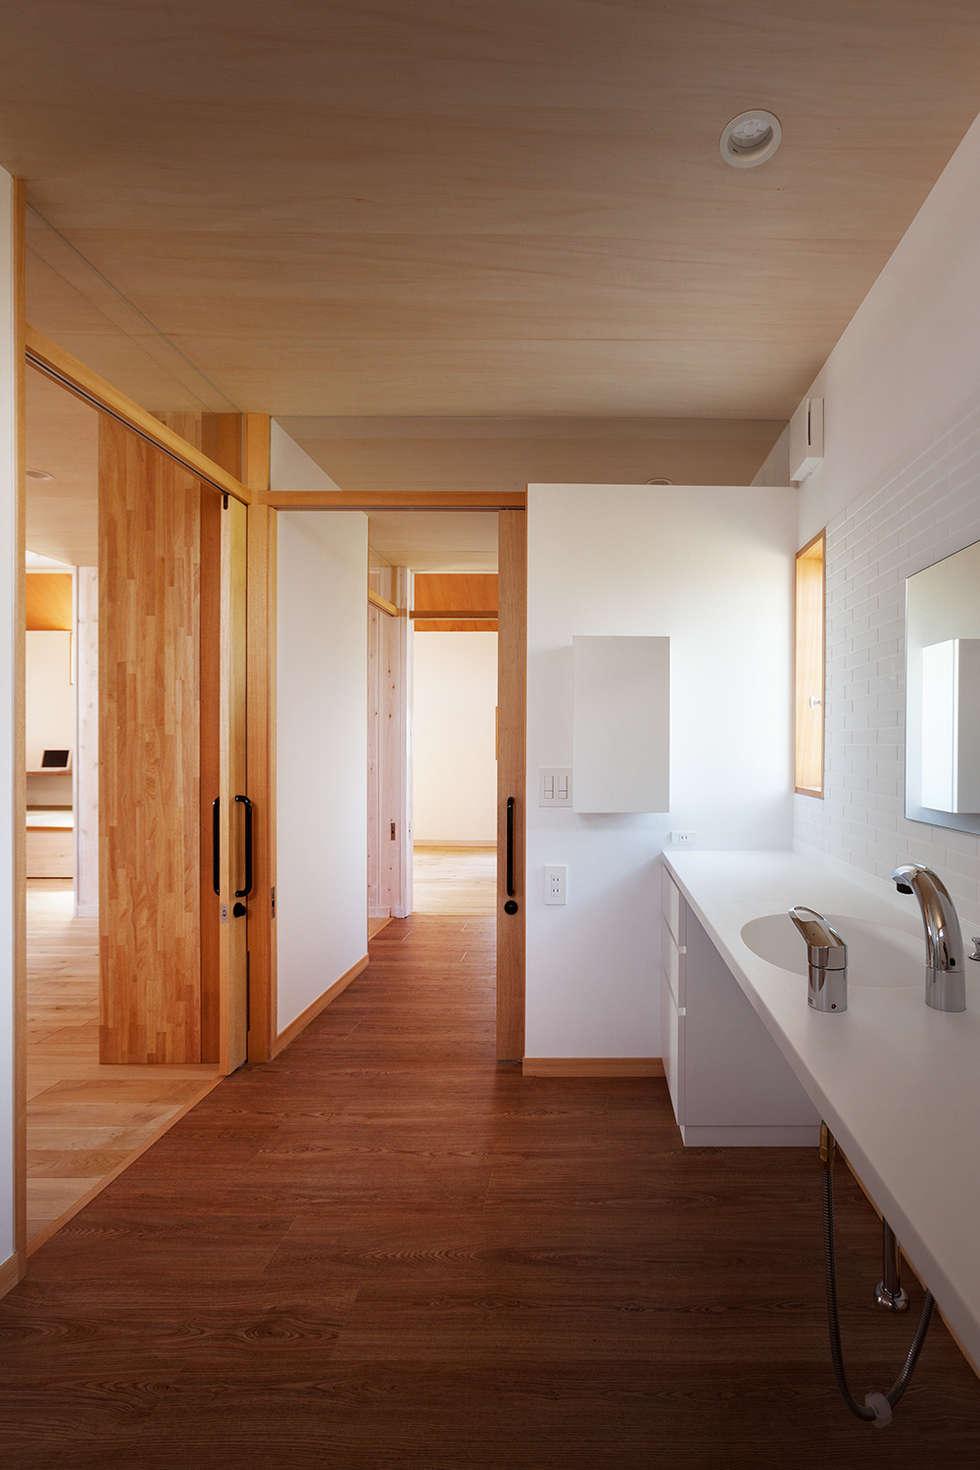 近江八幡の家・洗面: タクタク/クニヤス建築設計が手掛けた浴室です。